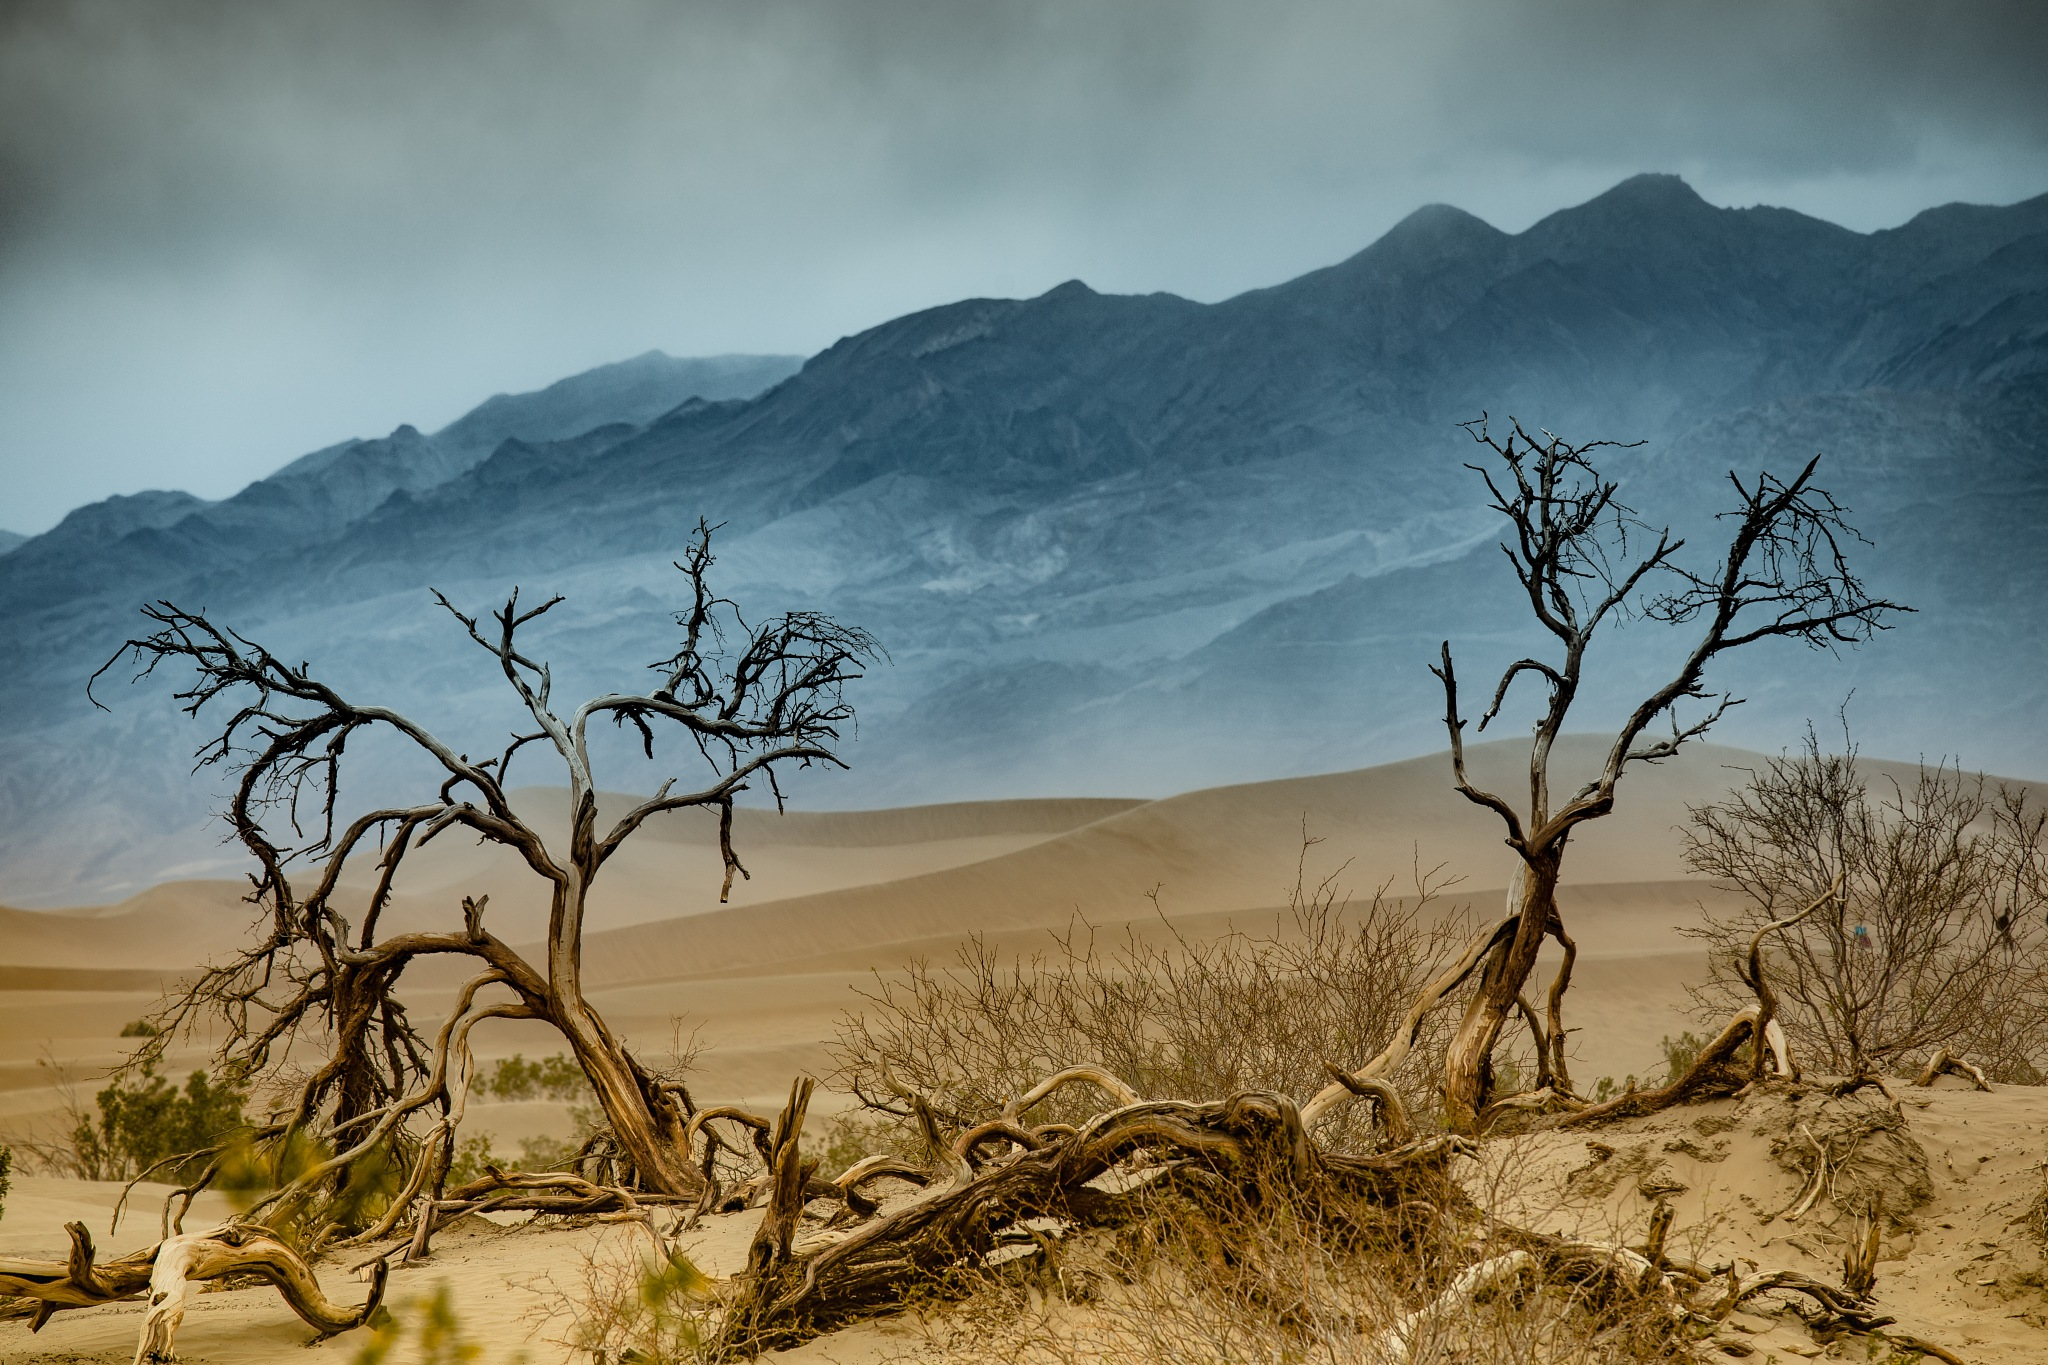 Death Valley by volkhard sturzbecher